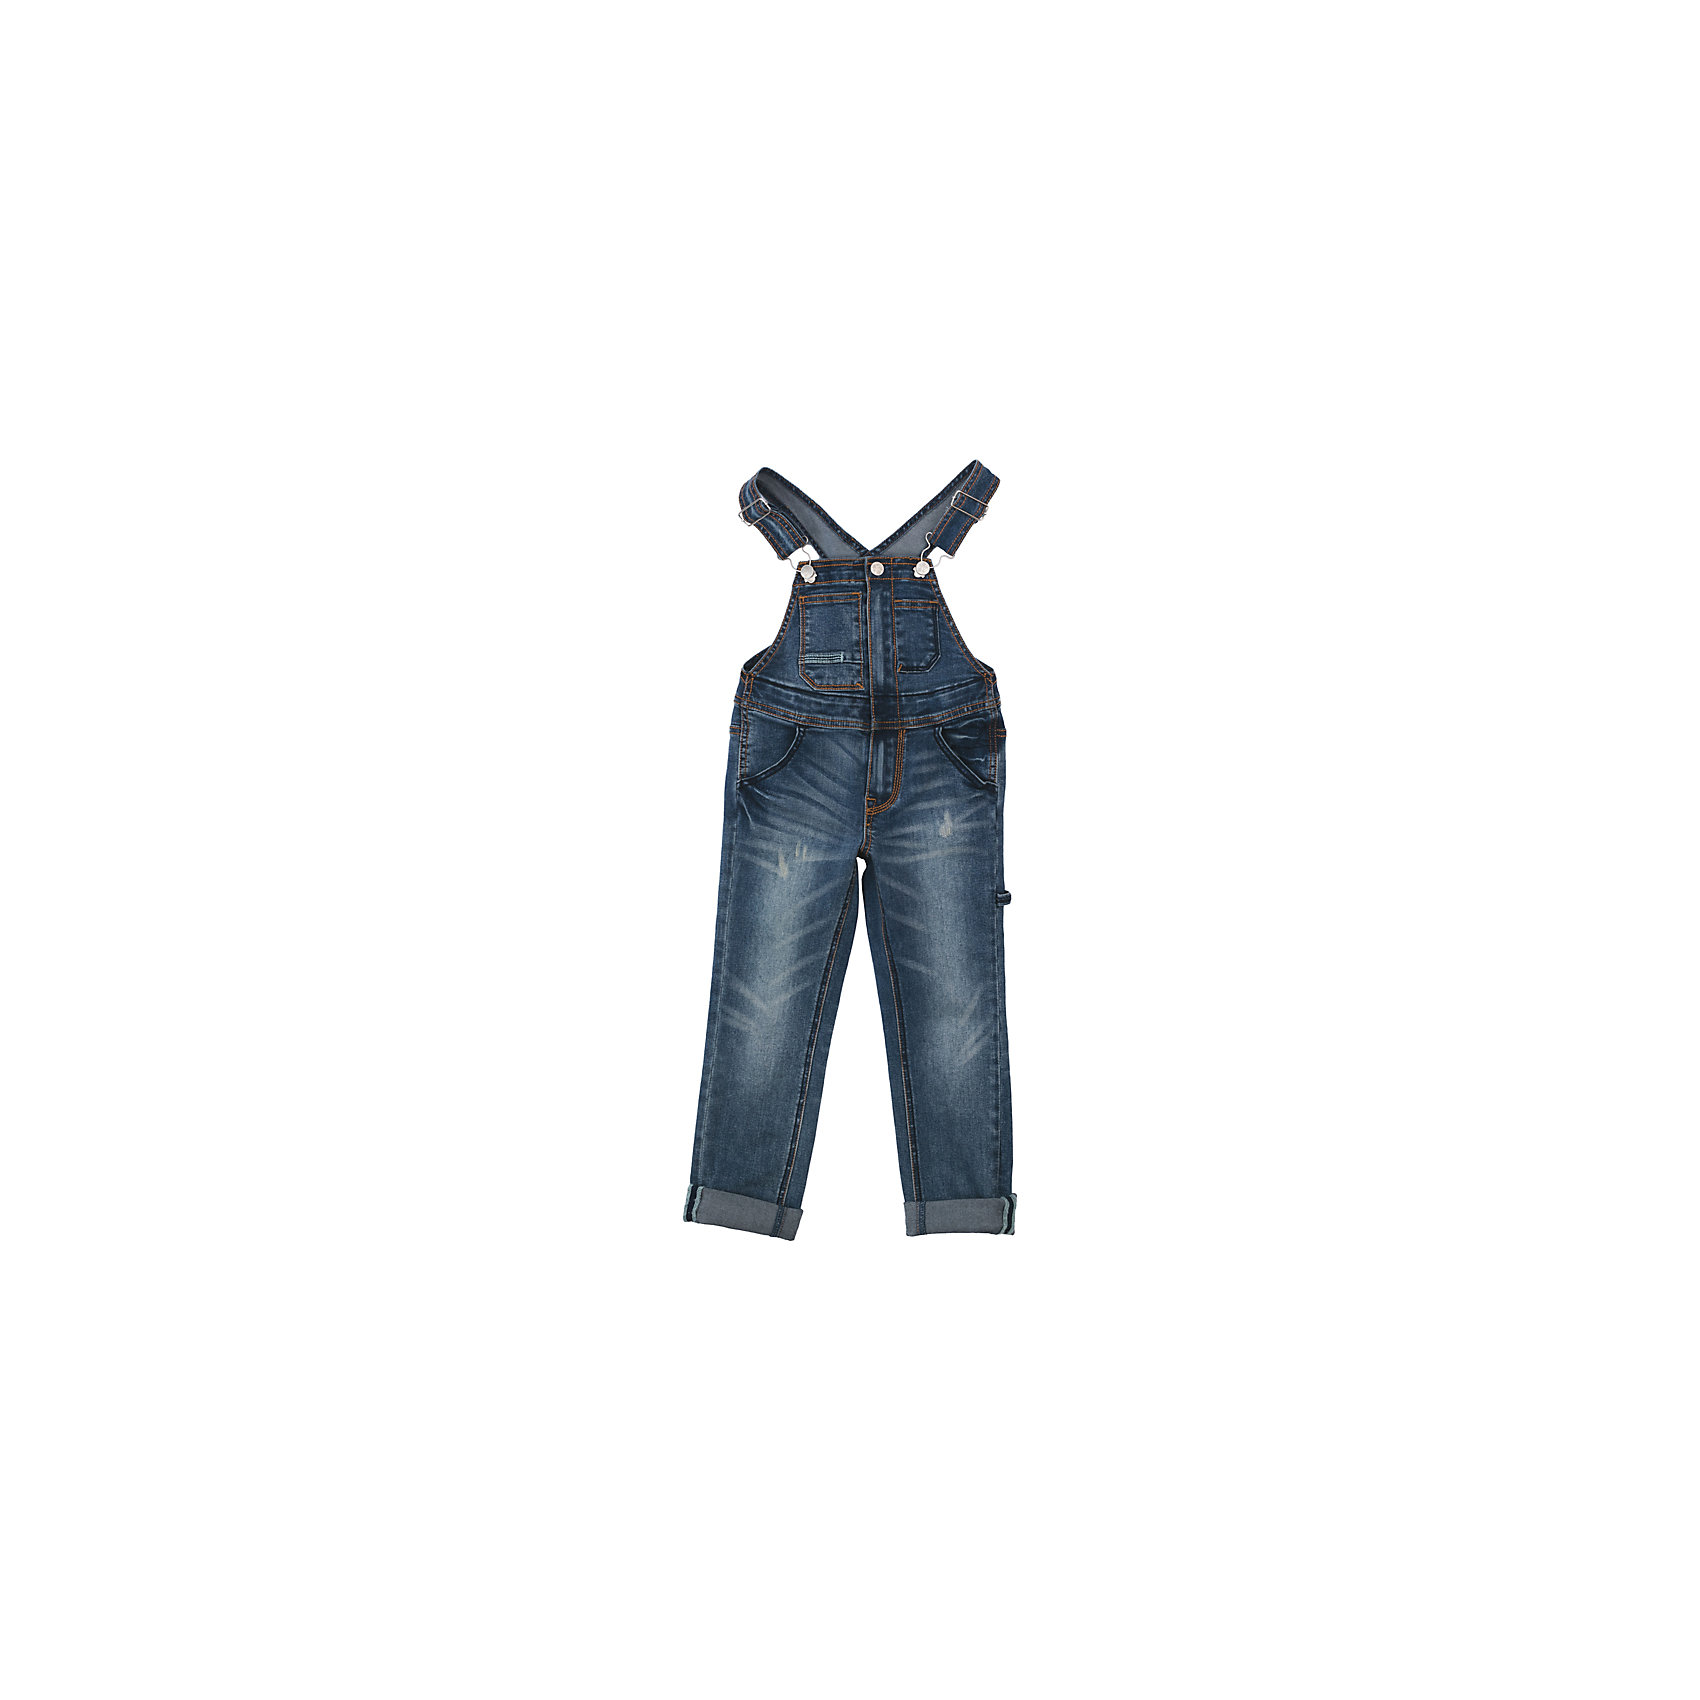 Комбинезон джинсовый для девочки PlayTodayКомбинезоны<br>Полукомбинезон из джинсовой ткани будет незаменимым в любом гардеробе. Хорошо сочетается с футболками и водолазками.  Пуговицы - болты являются удачным стильным и практичным дополнением. Мягкая ткань приятна к телу. Не сковывает движения ребенка. Модель с высокой грудкой и широкими бретелями. <br><br>Преимущества: <br><br>Мягкая ткань не сковывает движения ребенка<br>Модель с высокой грудкой и широкими бретелями<br><br>Состав:<br>72% хлопок, 23% полиэстер, 3% вискоза, 2% эластан<br><br>Ширина мм: 215<br>Глубина мм: 88<br>Высота мм: 191<br>Вес г: 336<br>Цвет: синий<br>Возраст от месяцев: 84<br>Возраст до месяцев: 96<br>Пол: Женский<br>Возраст: Детский<br>Размер: 128,98,104,110,116,122<br>SKU: 5404104